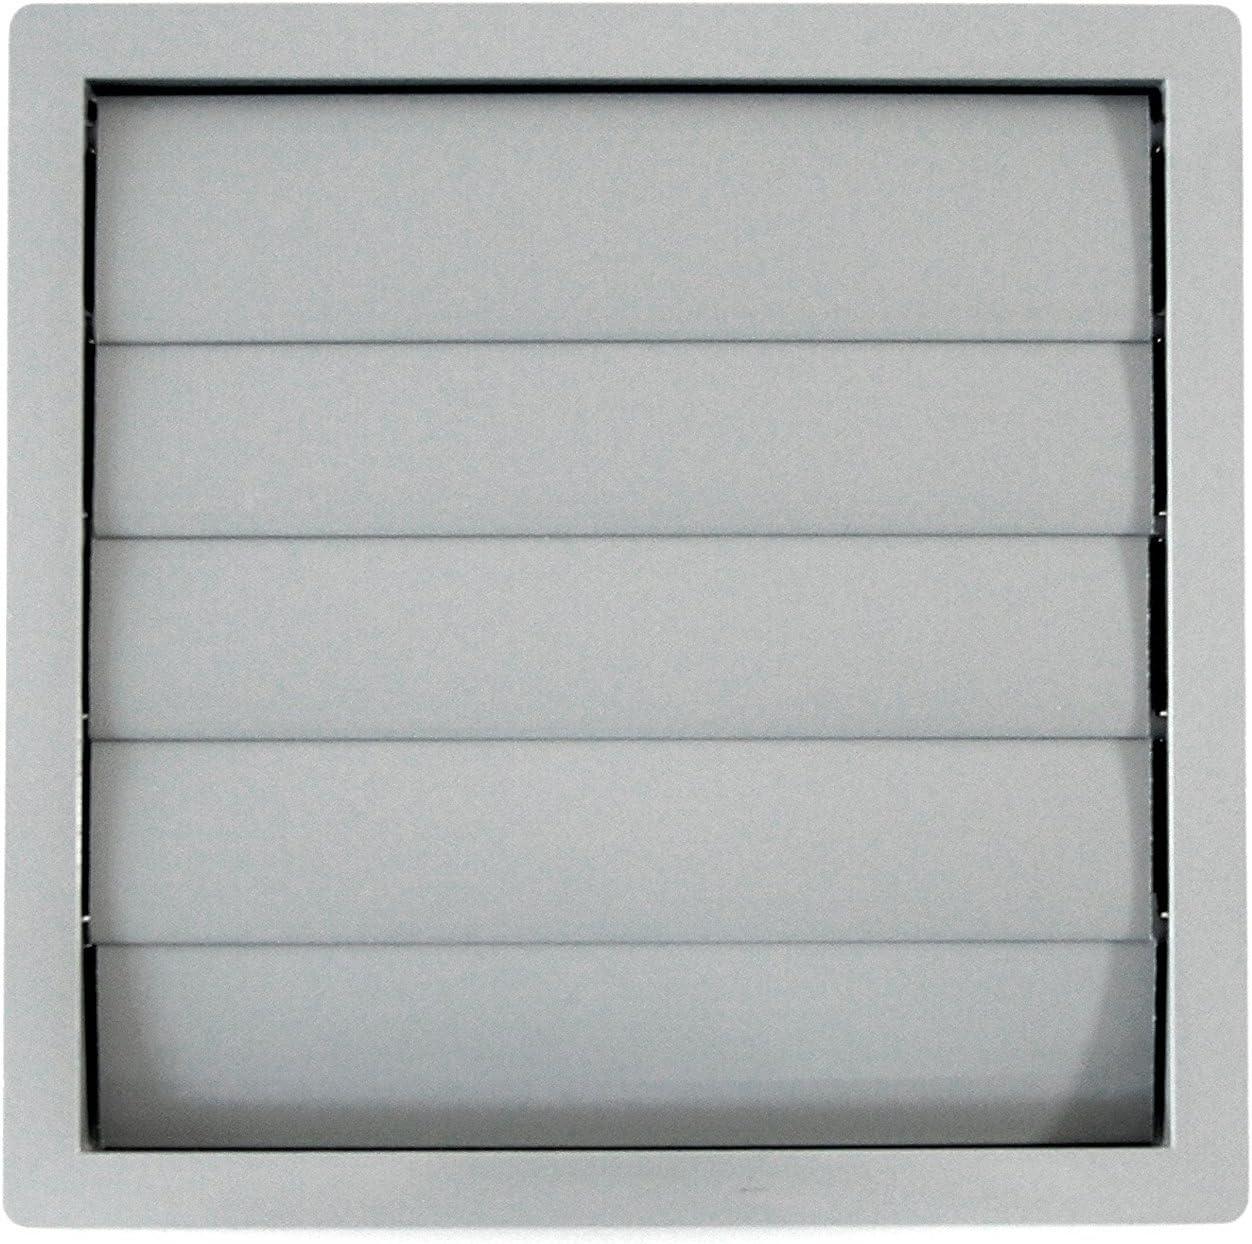 calimaero VK 200 mm Rejilla de Ventilación de Plástico Cuadrada Aire Externo